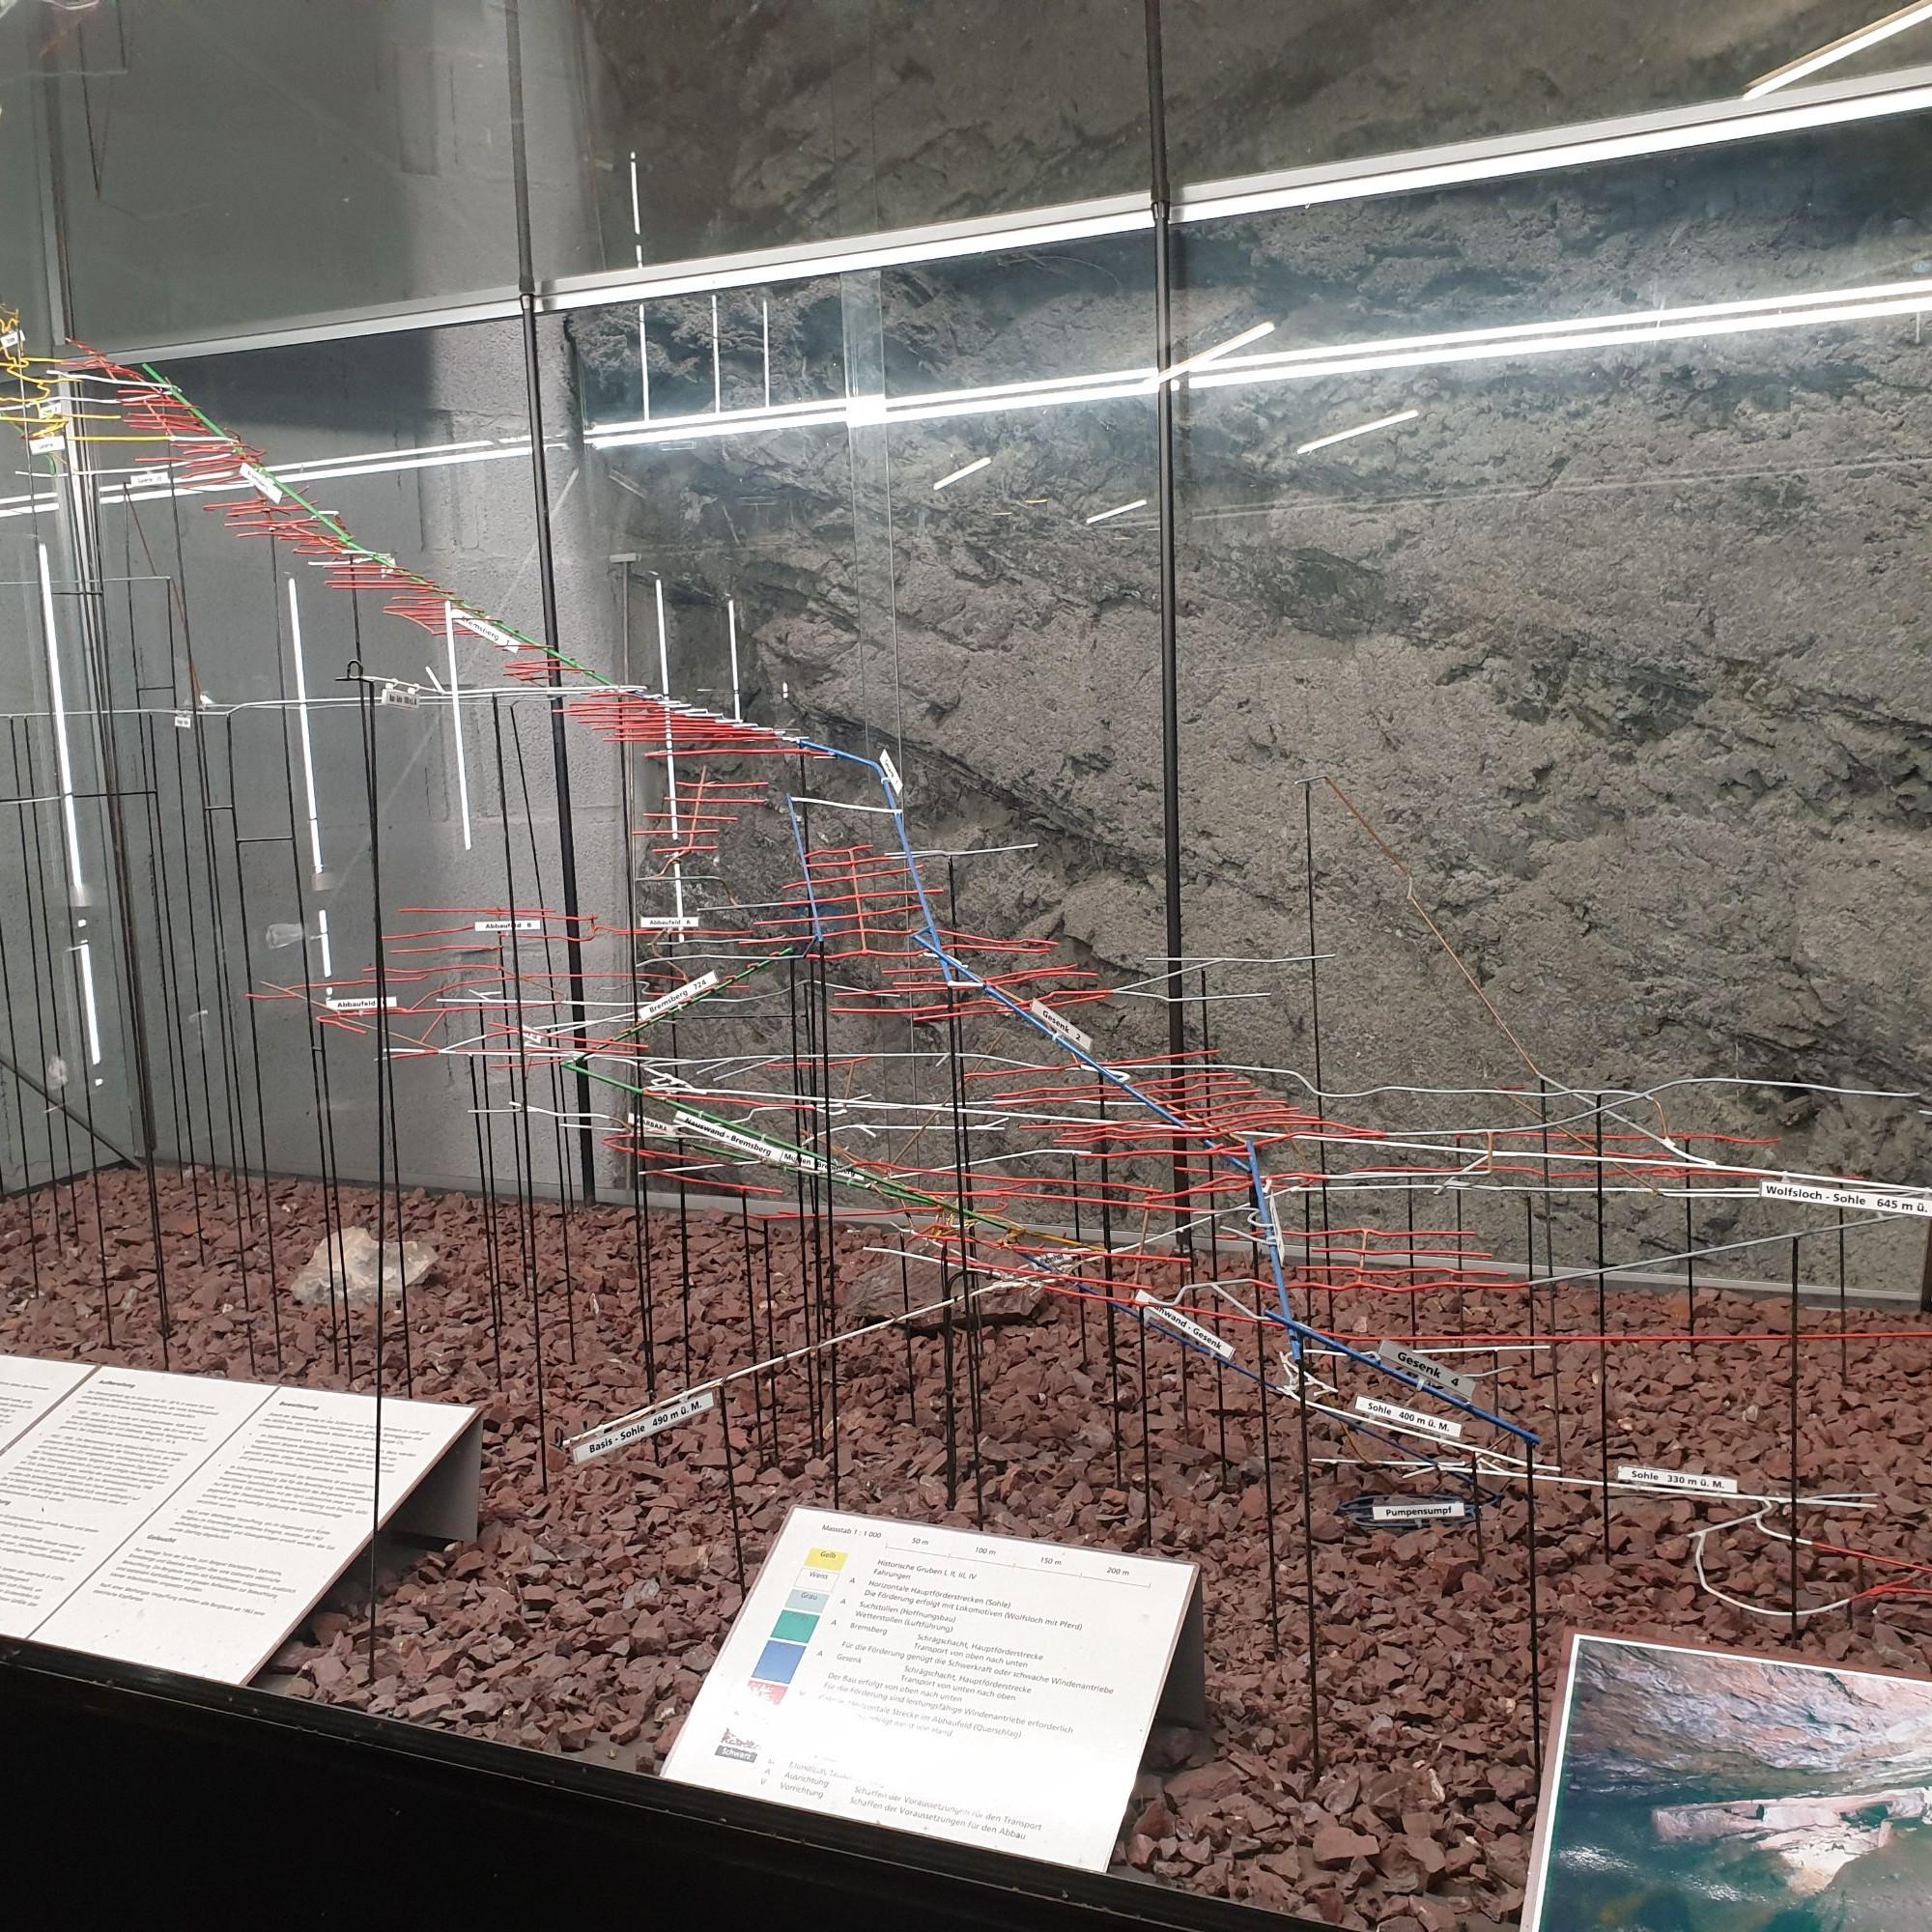 Am Eingang zum Gonzen-Bergwerk zeugt ein umfassendes Modell von der Grösse der gesamten Infrastruktur im Berg.